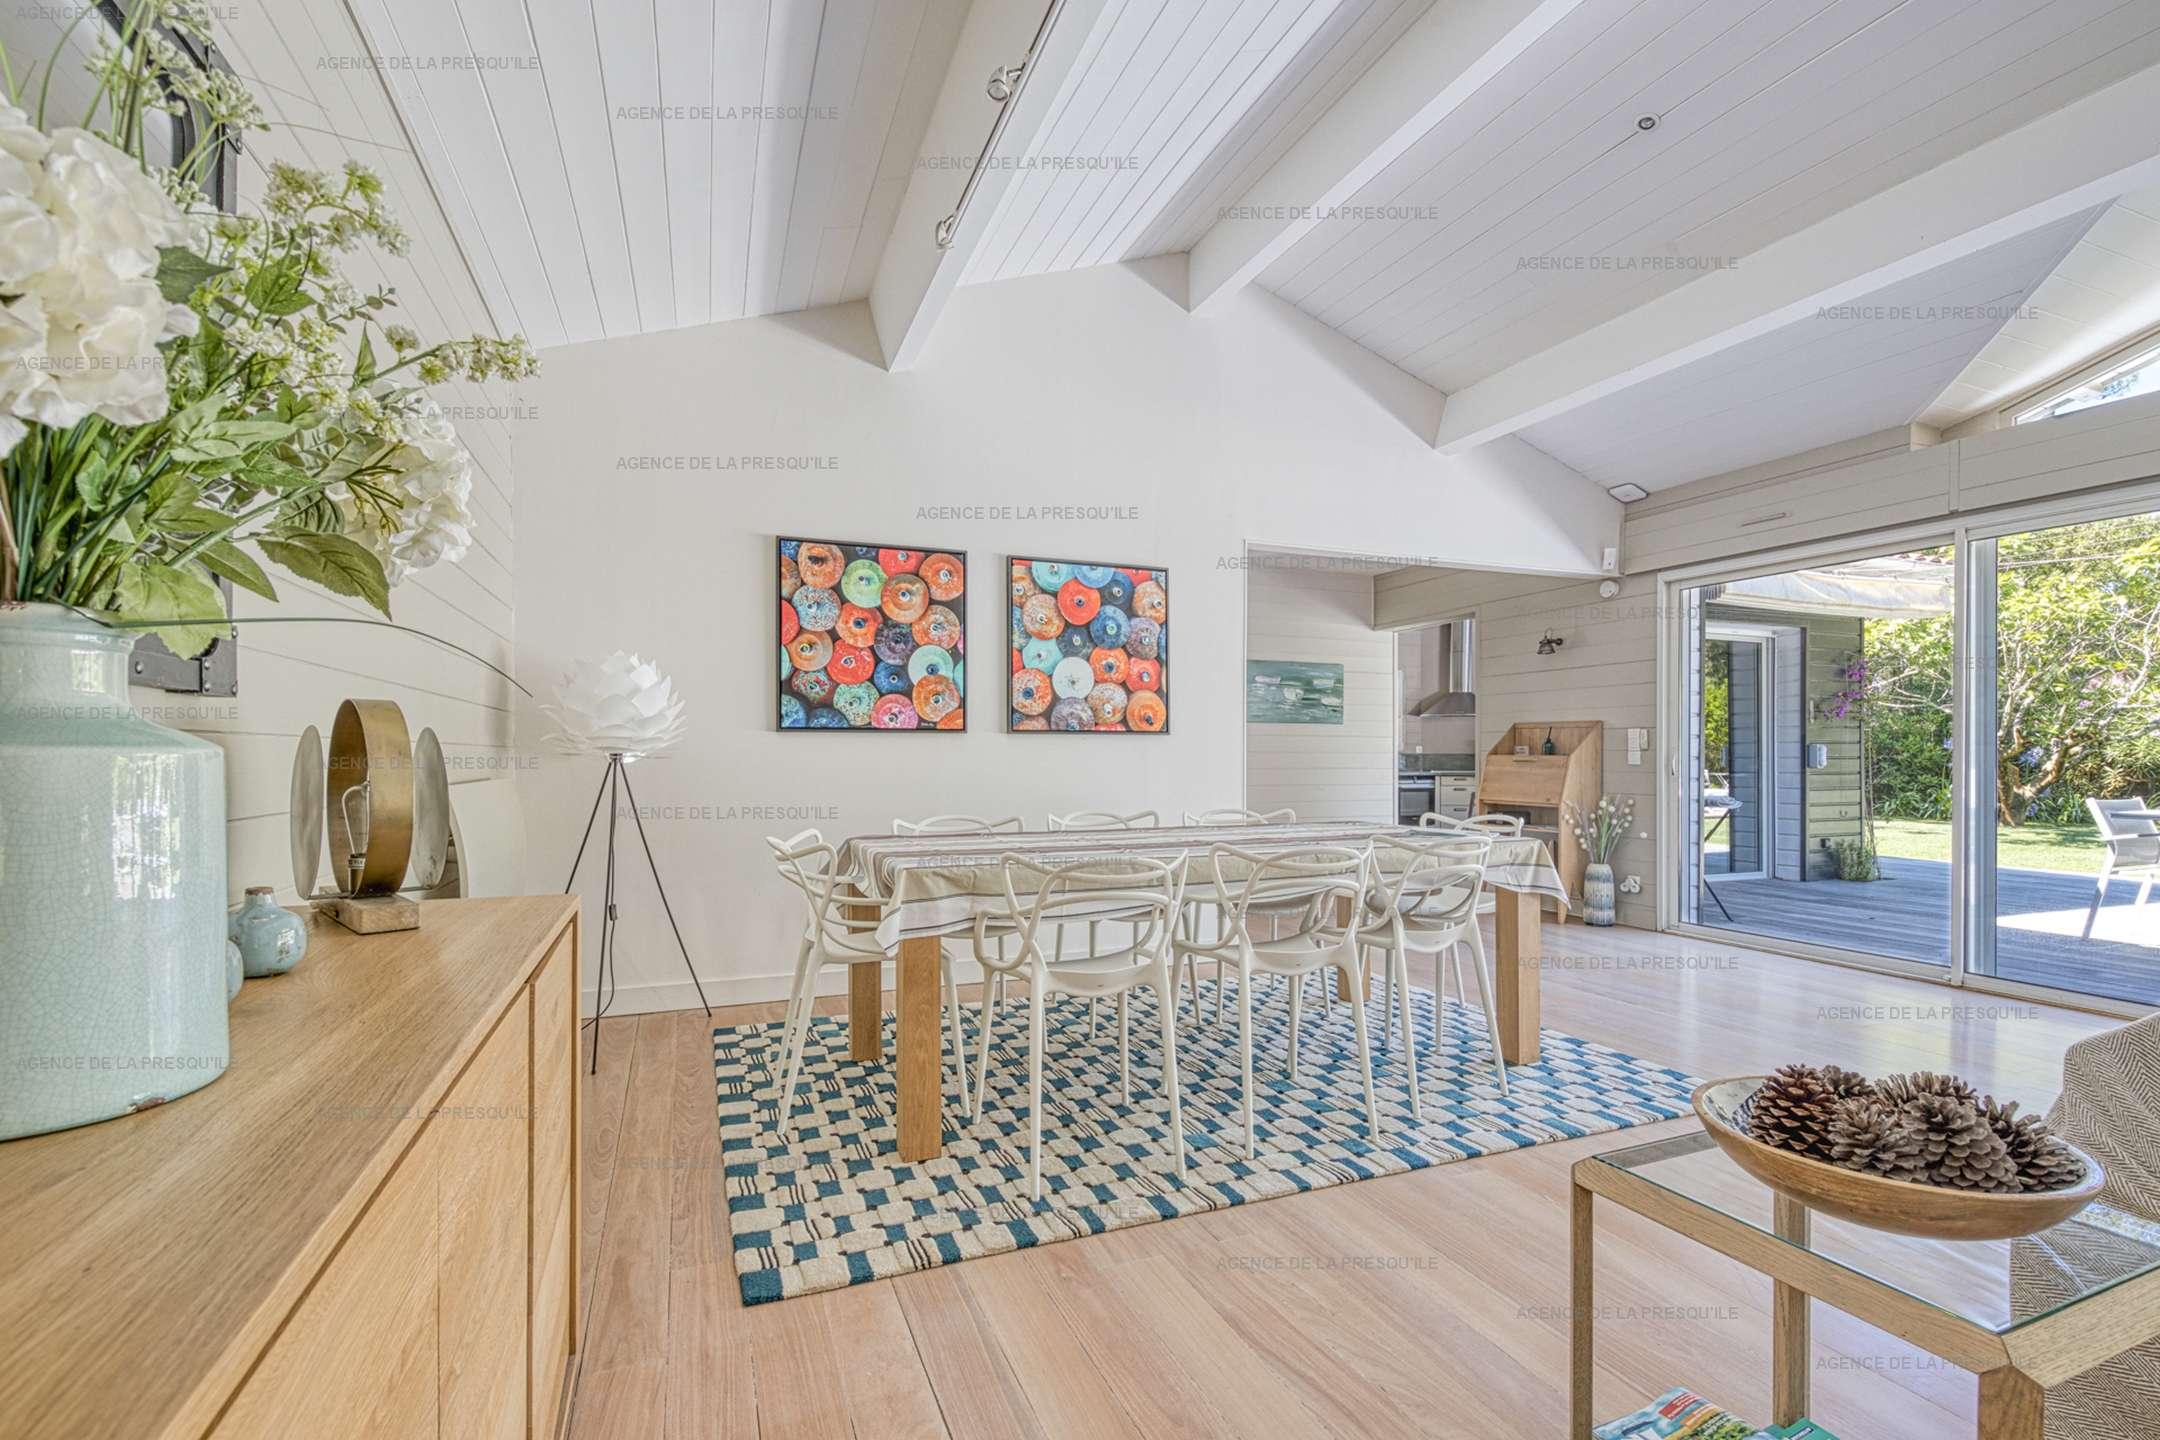 Location: Très belle villa en bois au calme avec piscine chauffée 6